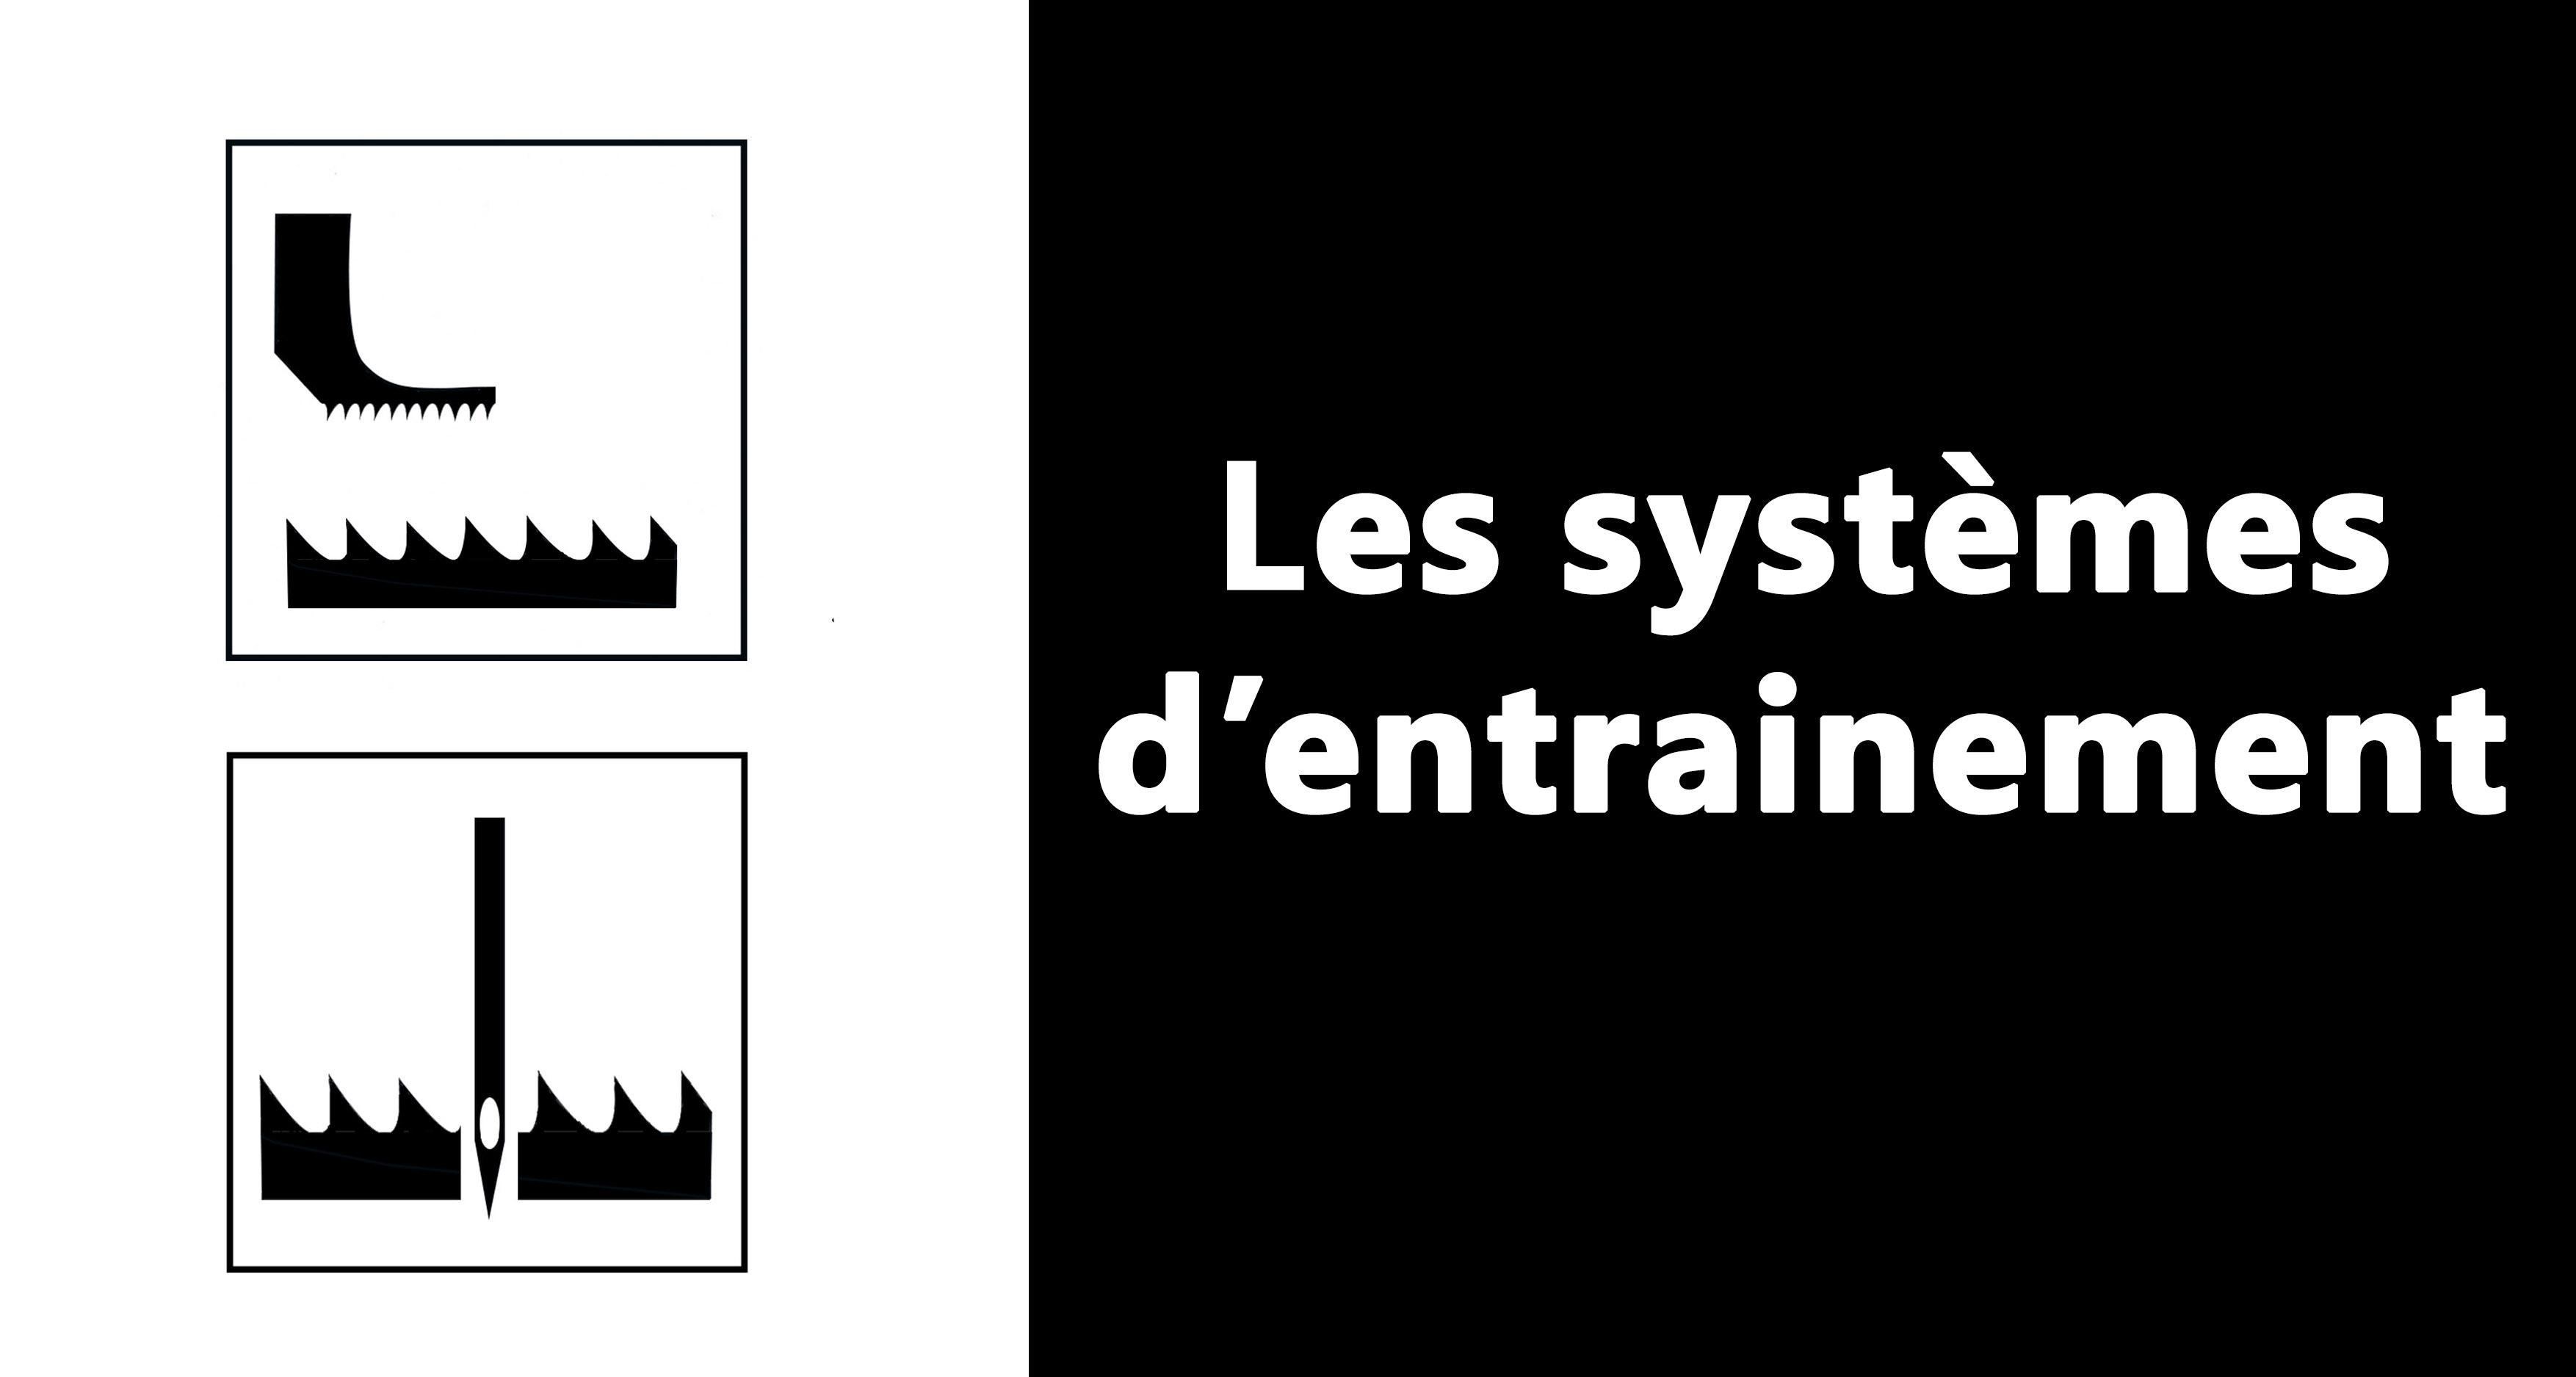 Les systèmes d'entrainement: